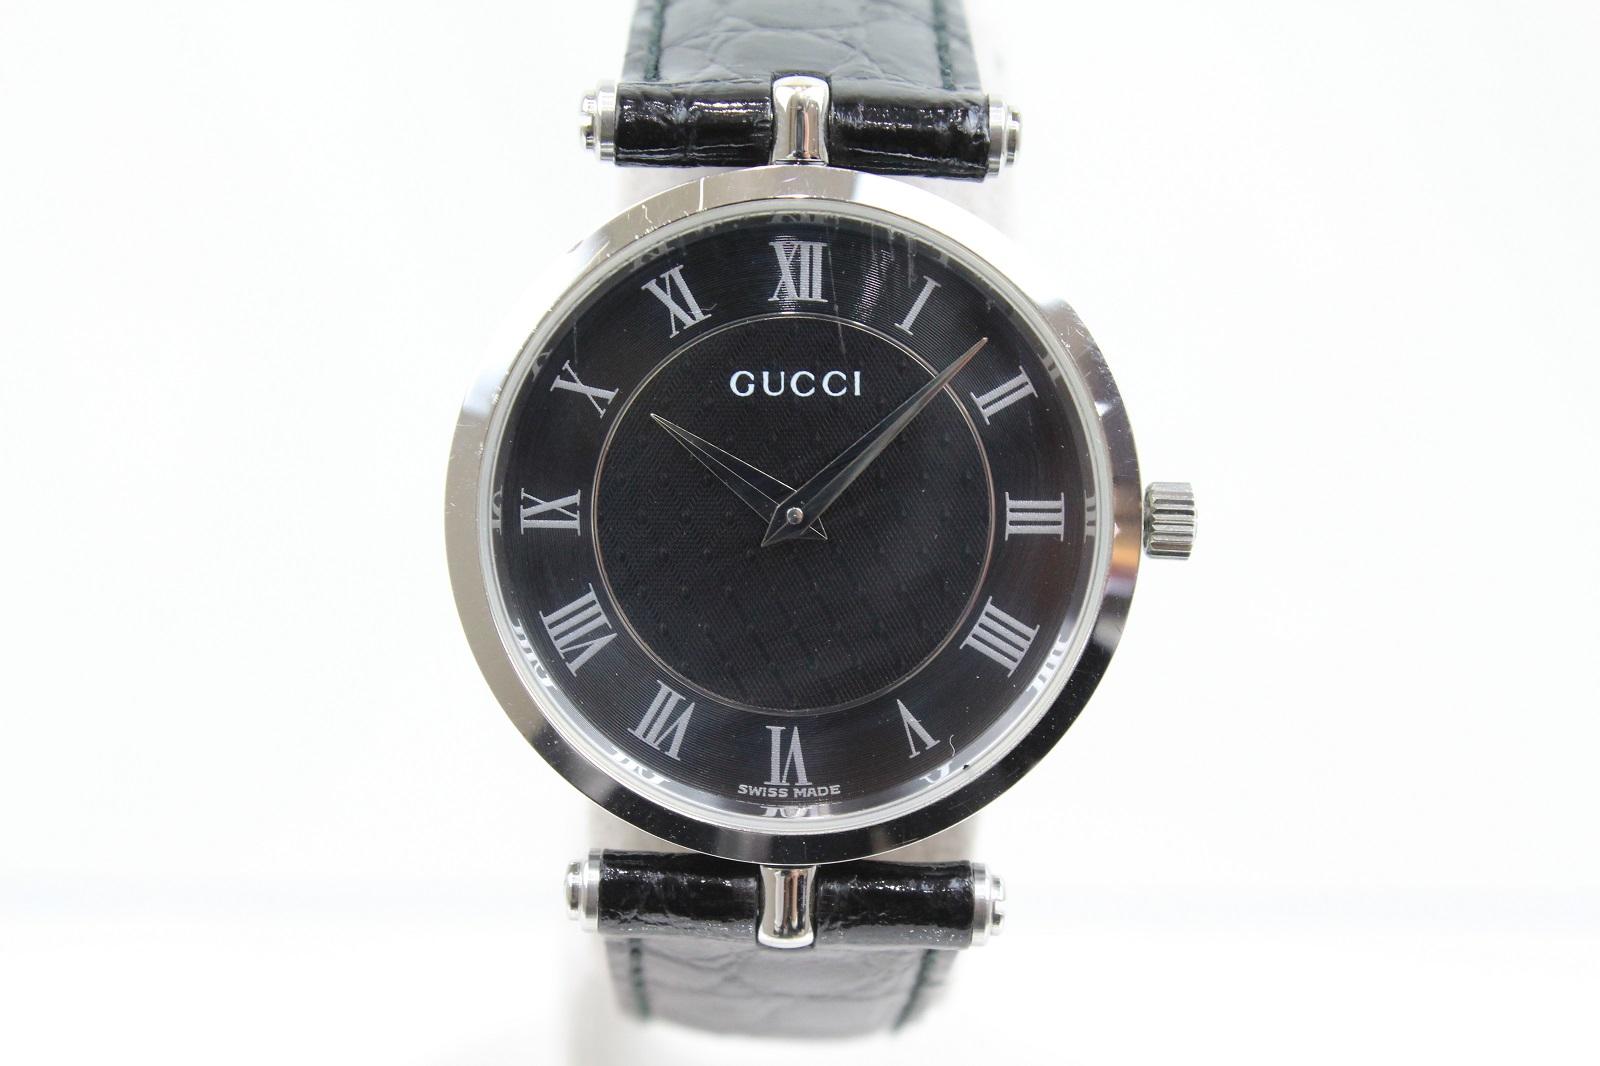 GUCCI グッチ 2040M クオーツ SS ステンレススチール ブラック 革ベルト レディース メンズ ボーイズ 腕時計 【中古】